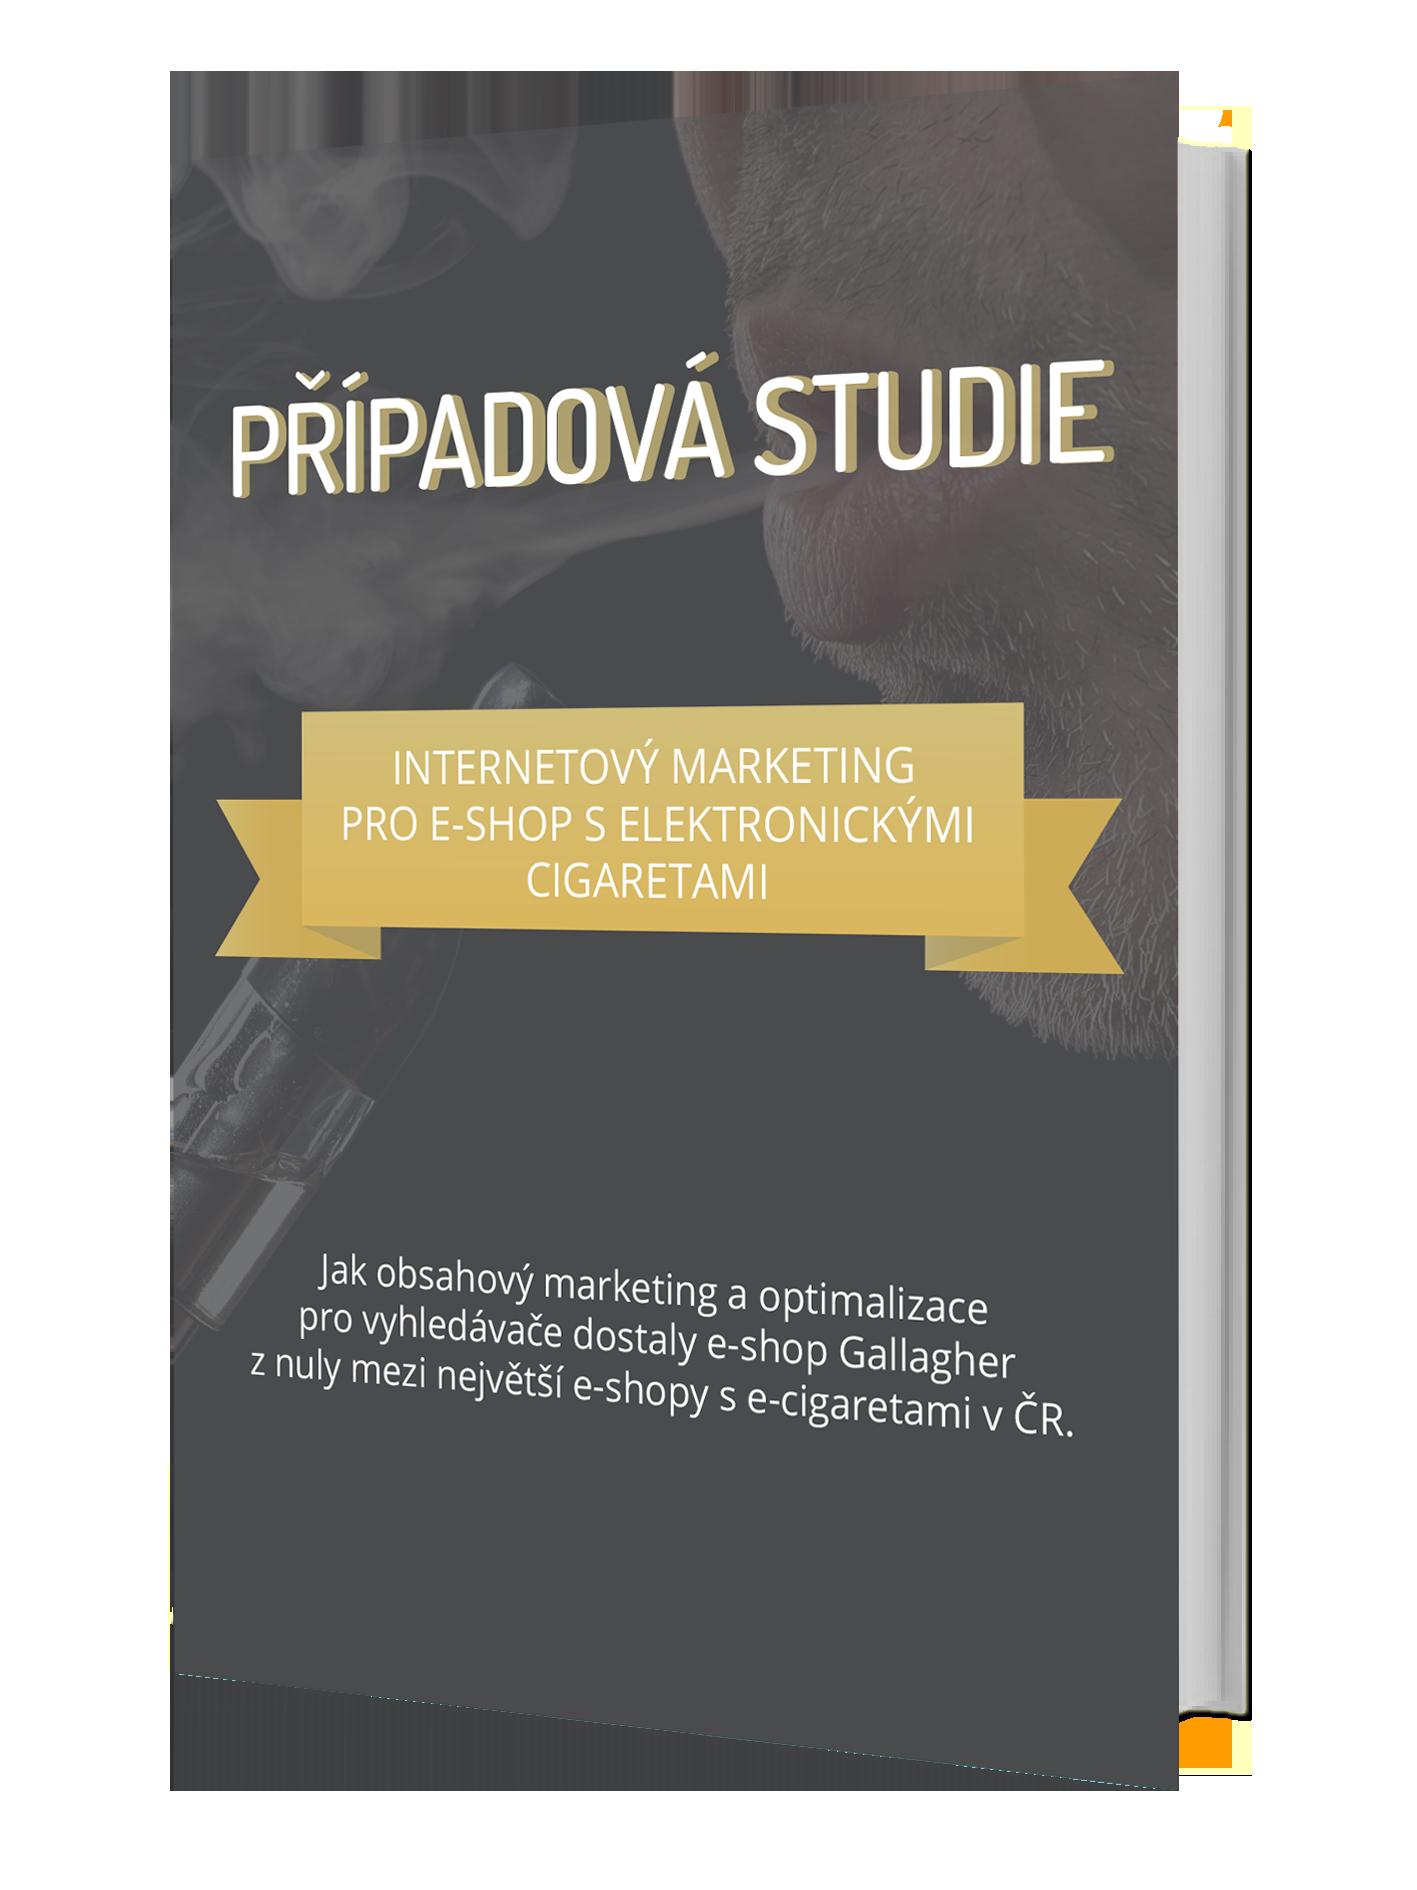 Případová studie obsahového marketingu pro e-shop s elektronickými cigaretami